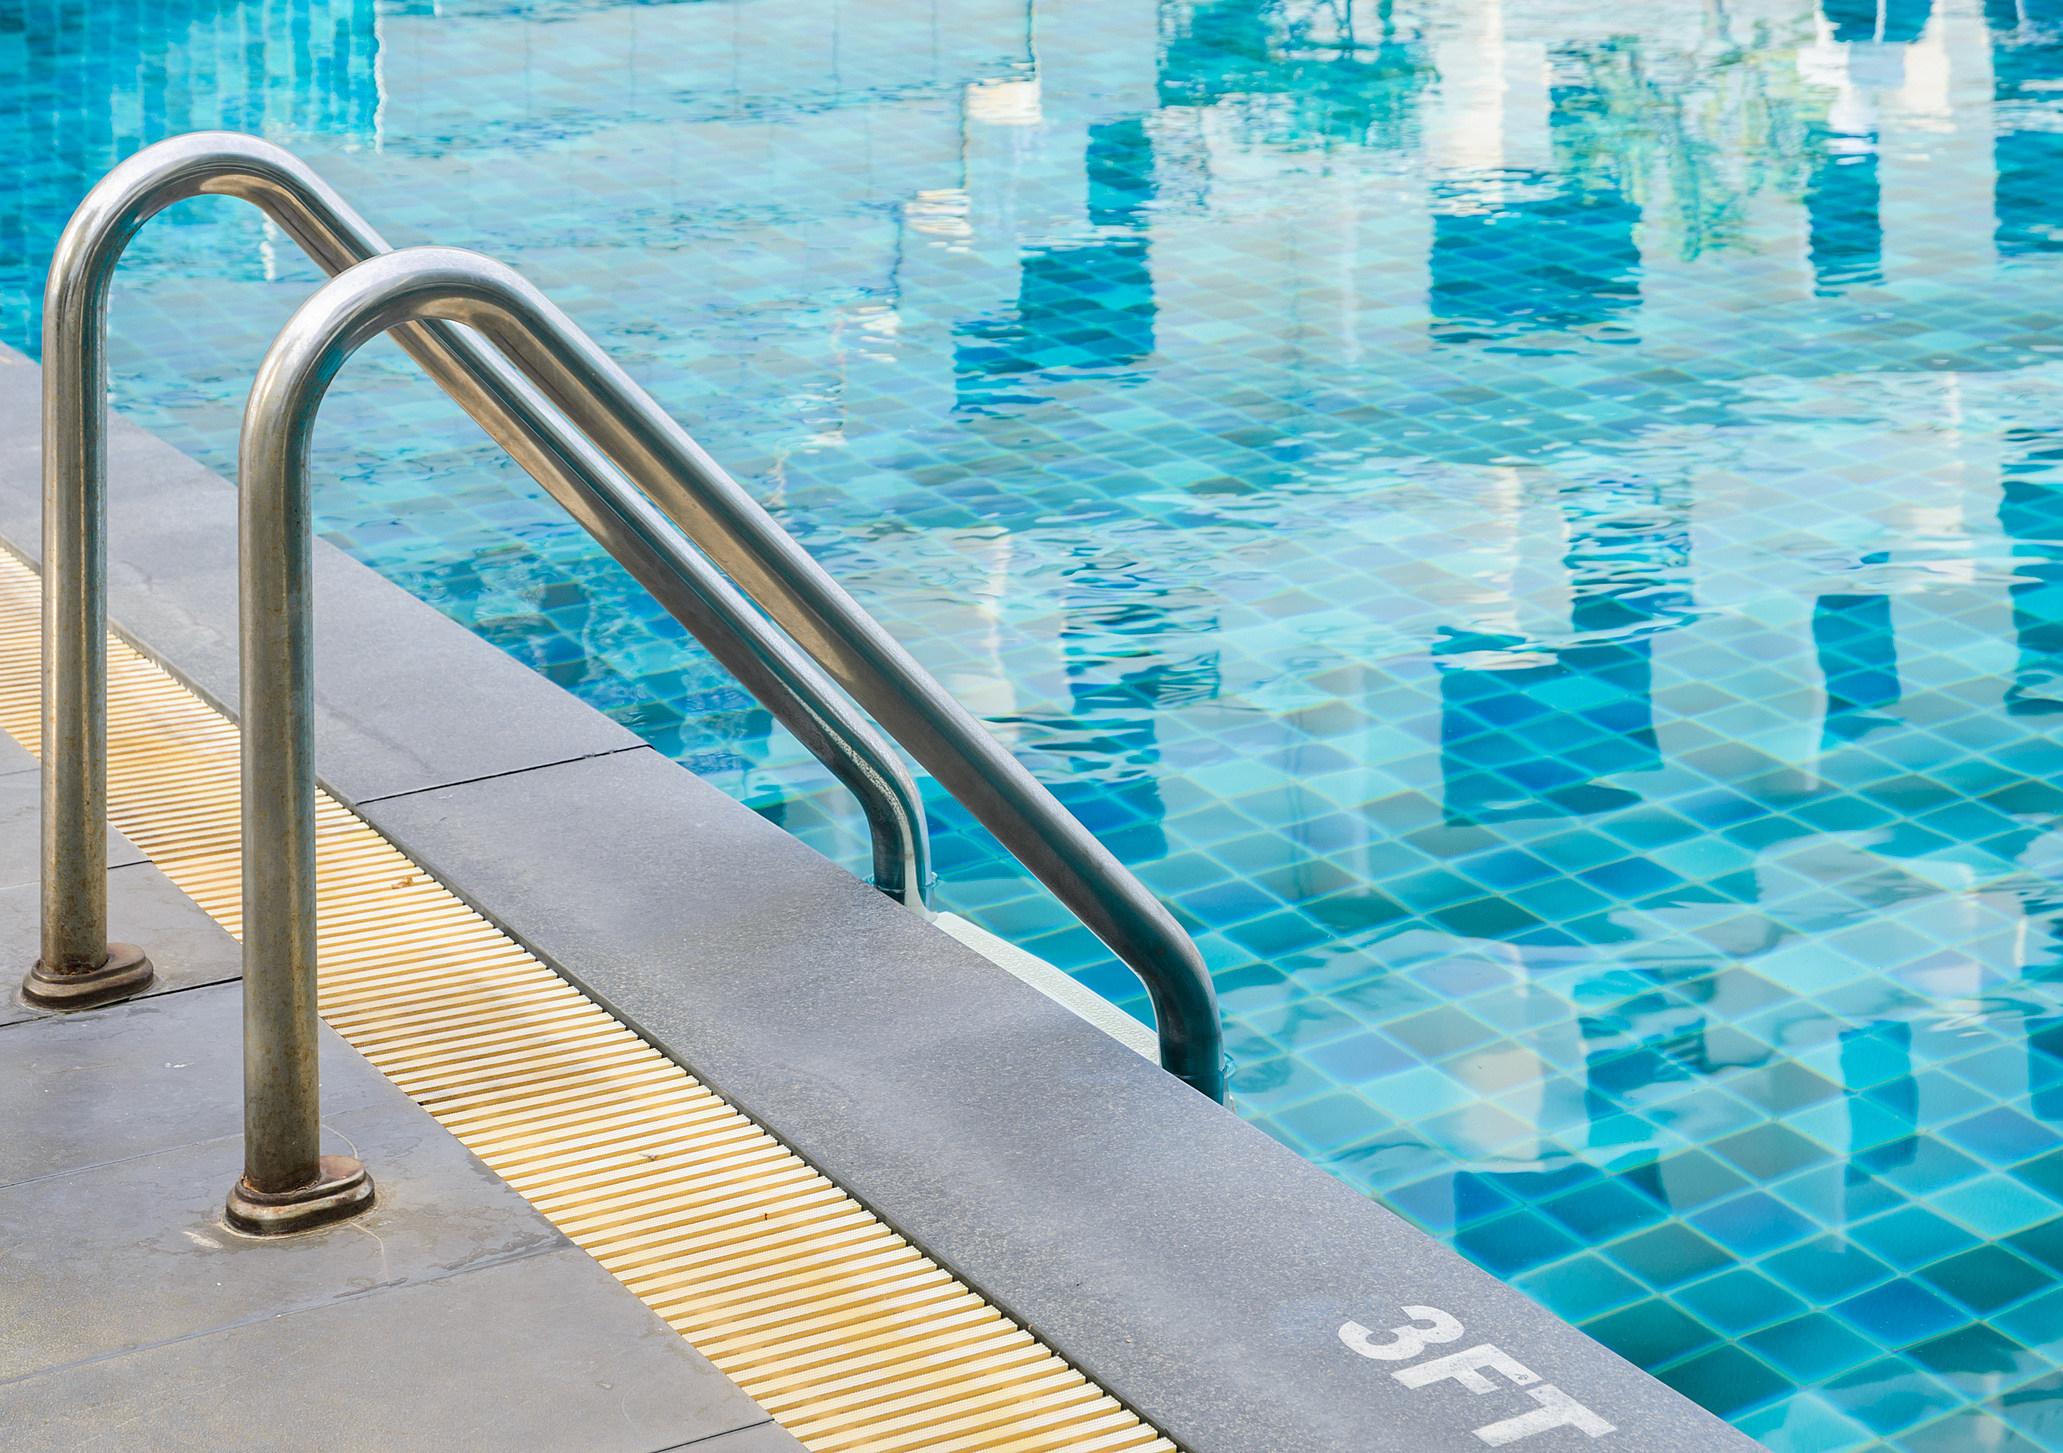 Scotiabank gander address pool